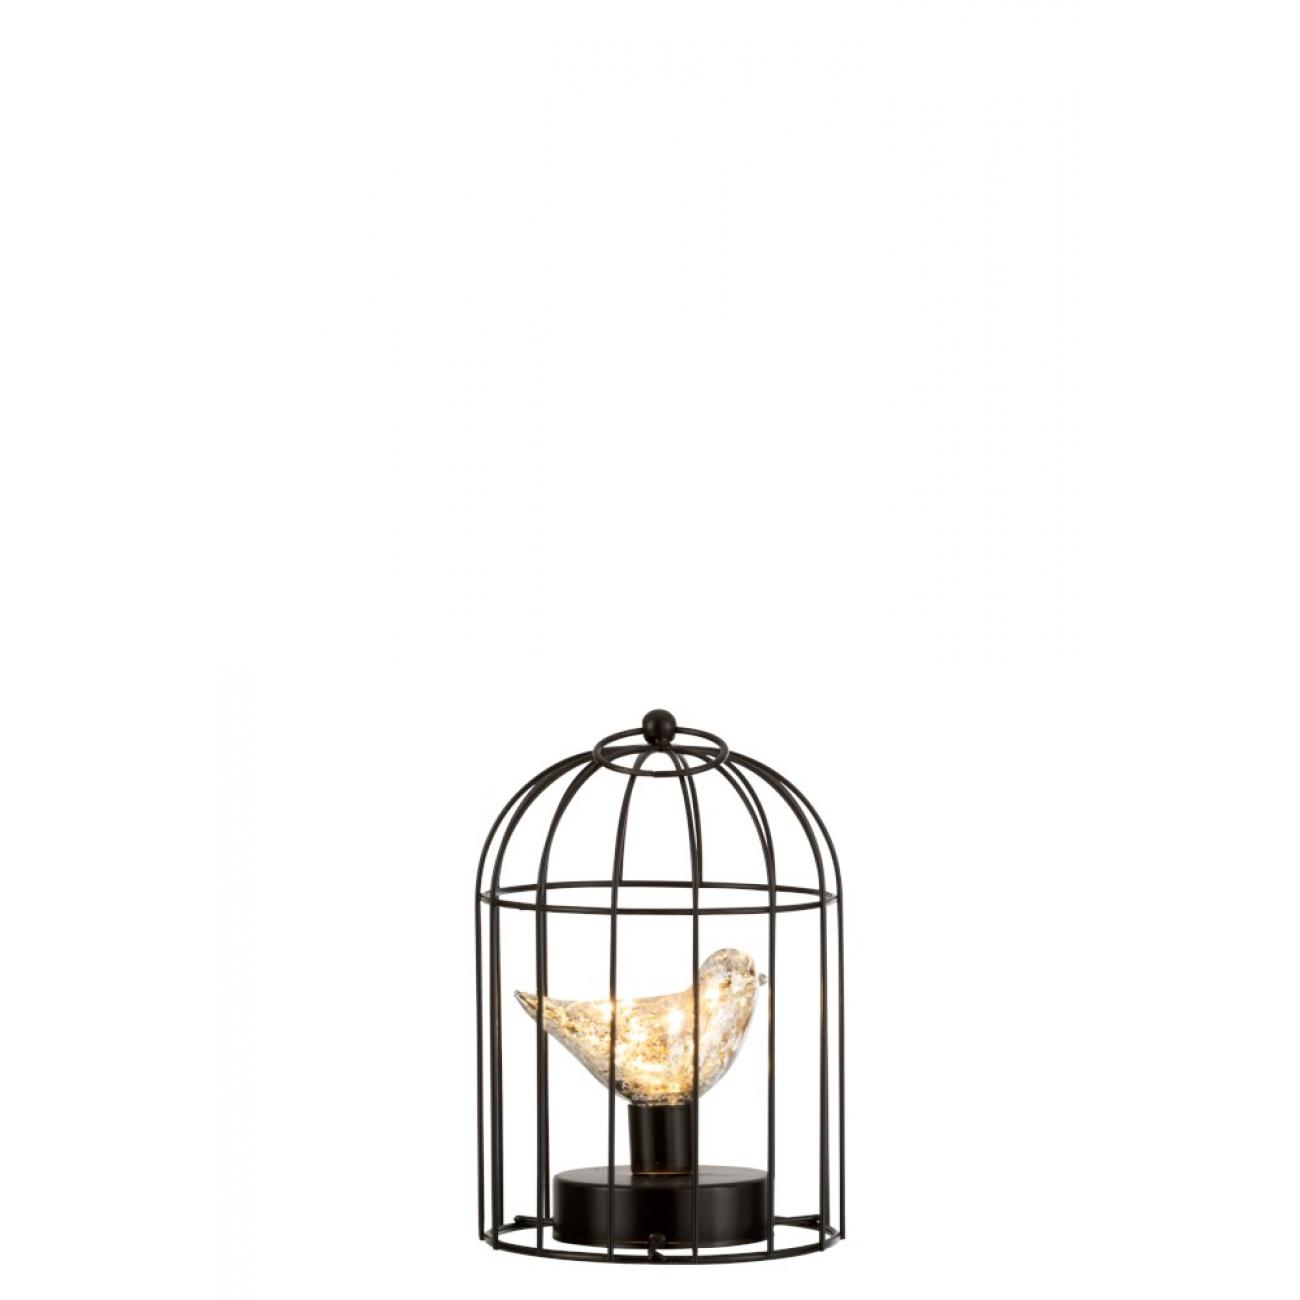 Ночник  J-LINE в виде птички серебряного цвета в клетке высота 23 см